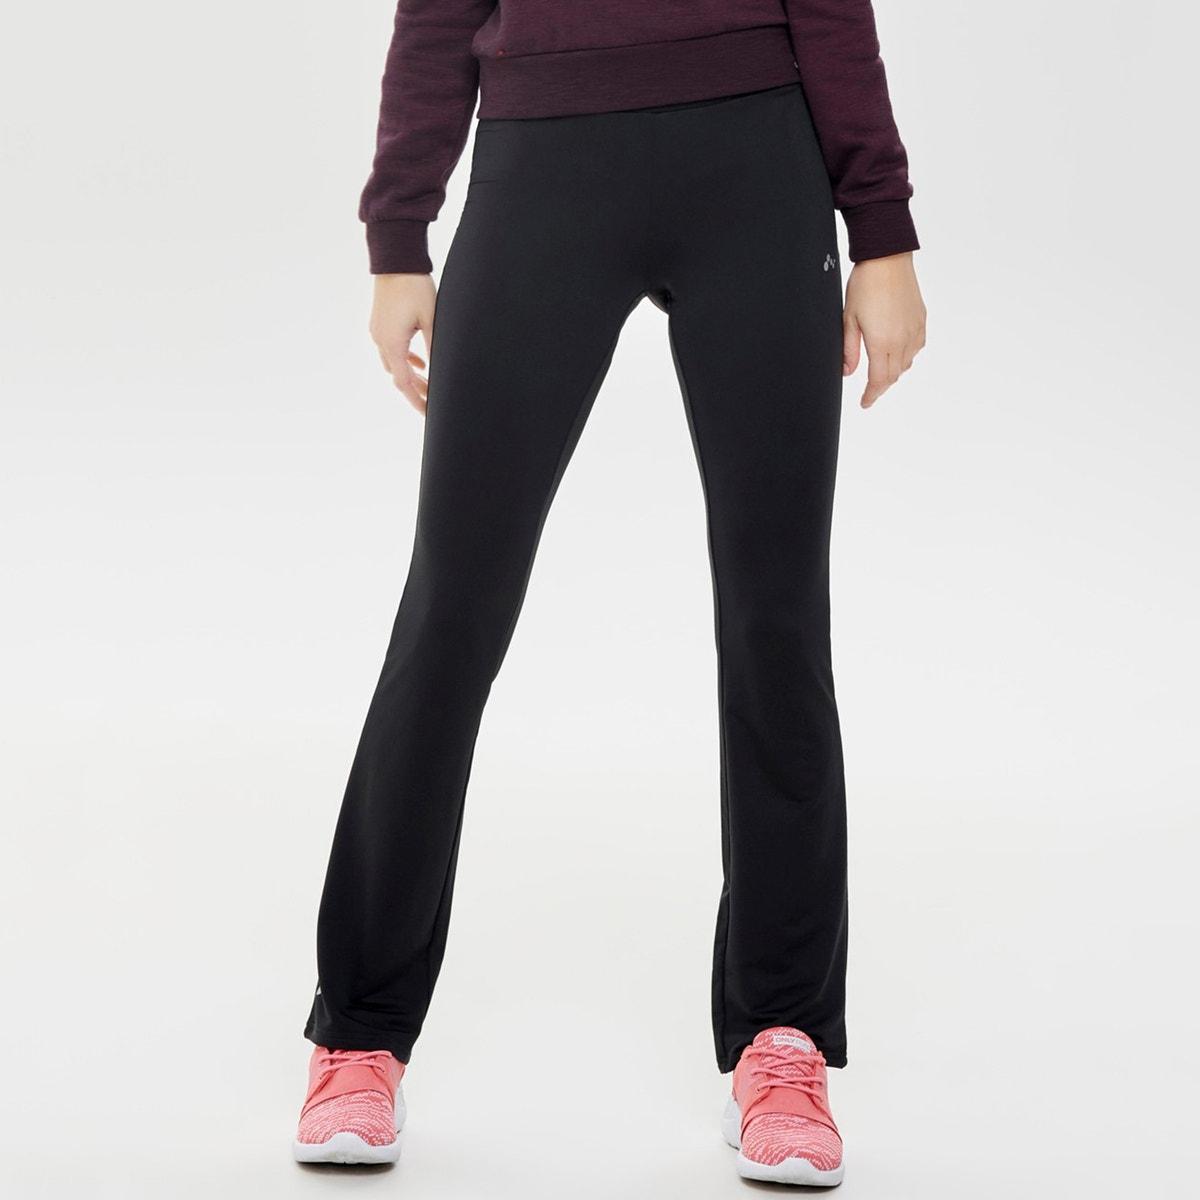 Αθλητικό παντελόνι, Nicole γυναικα   παντελόνια   φόρμες